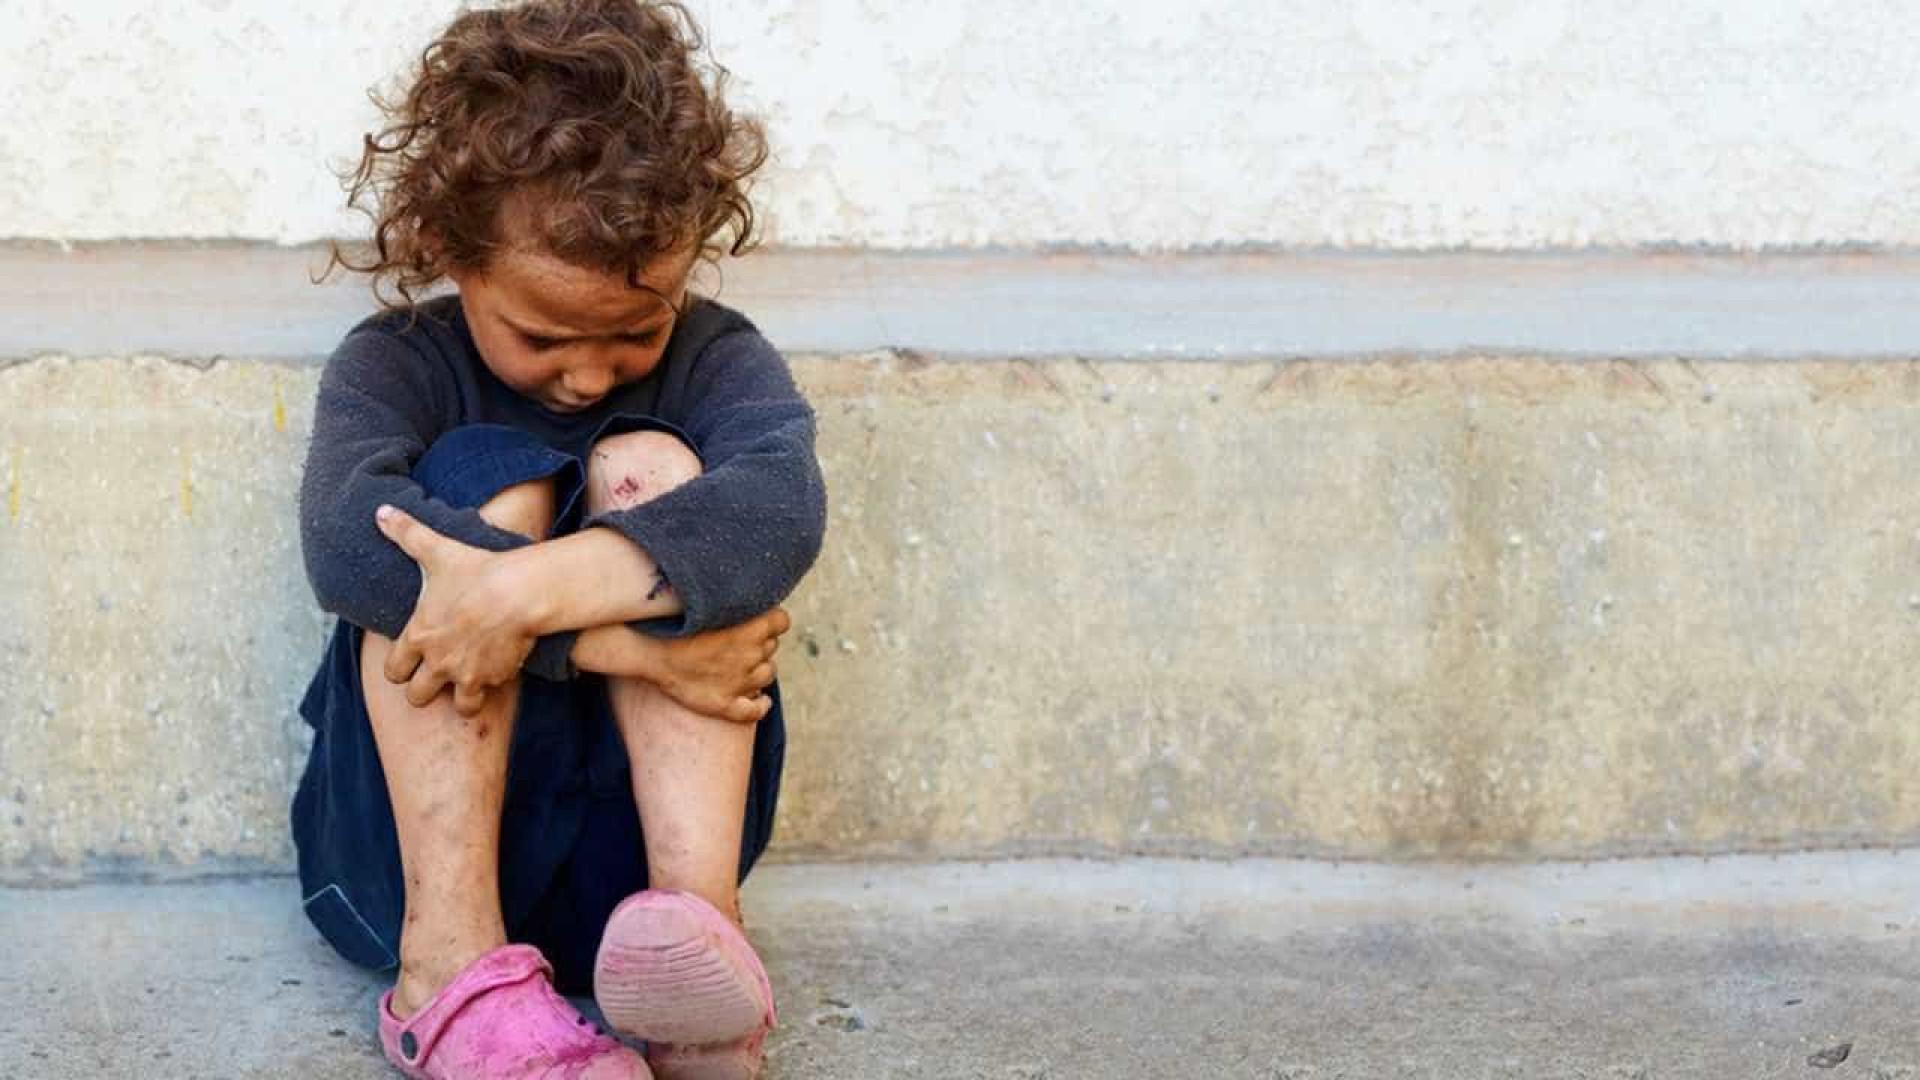 Passando fome, mulher 'anuncia' doação das filhas nas redes sociais